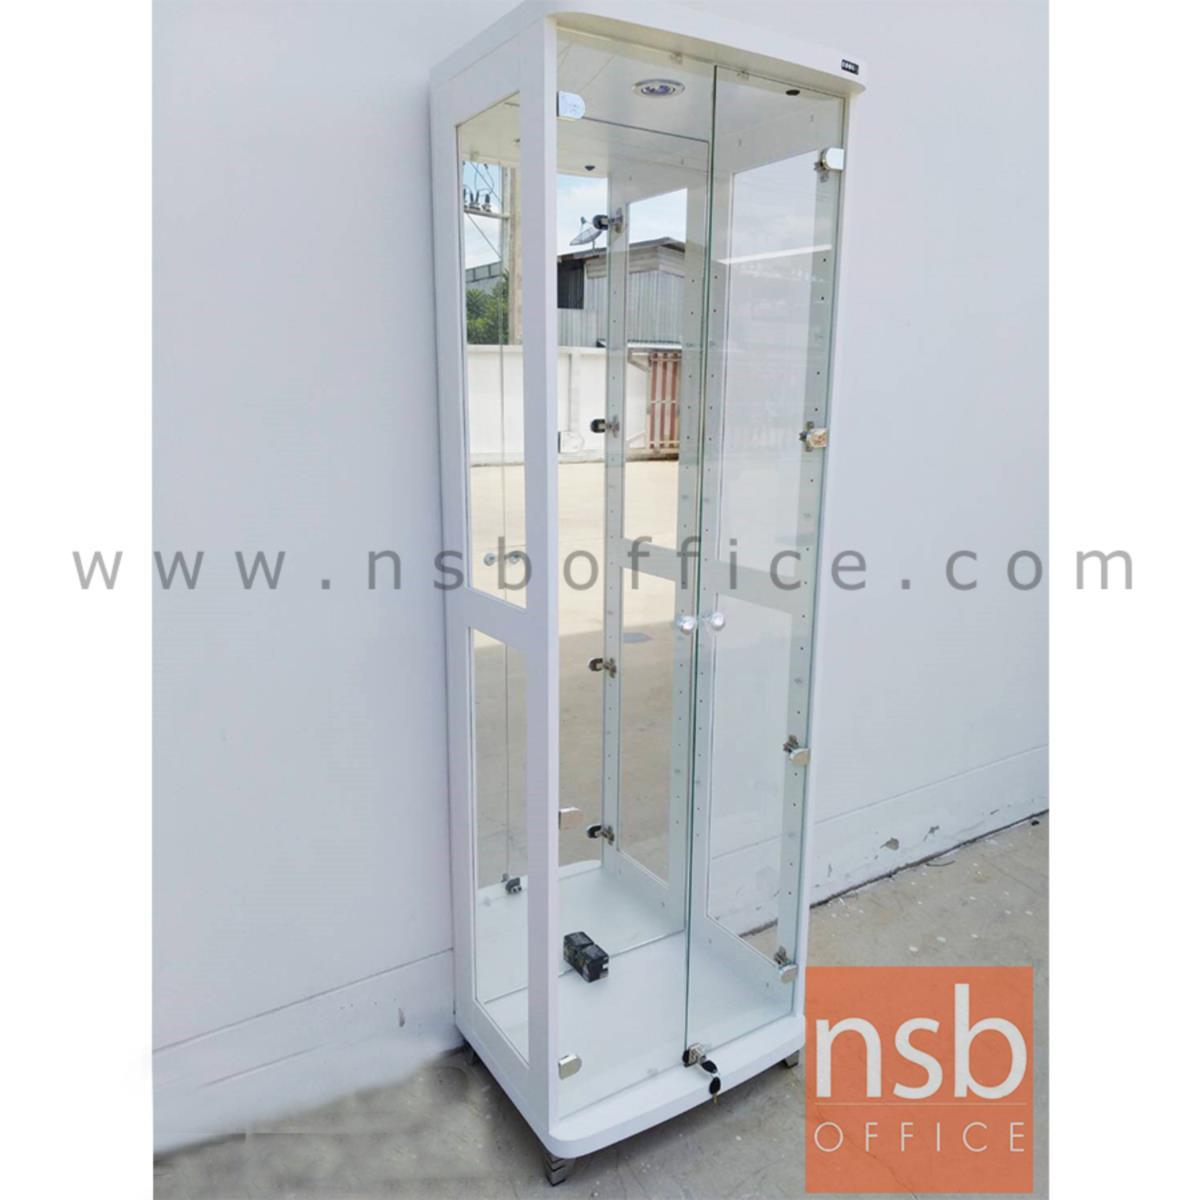 ตู้โชว์กระจกดาวน์ไลท์ 2 บานเปิด รุ่น DW-602 ขนาด 60W*40D*190H cm. มีไฟในตัว (หลังกระจกเงา)